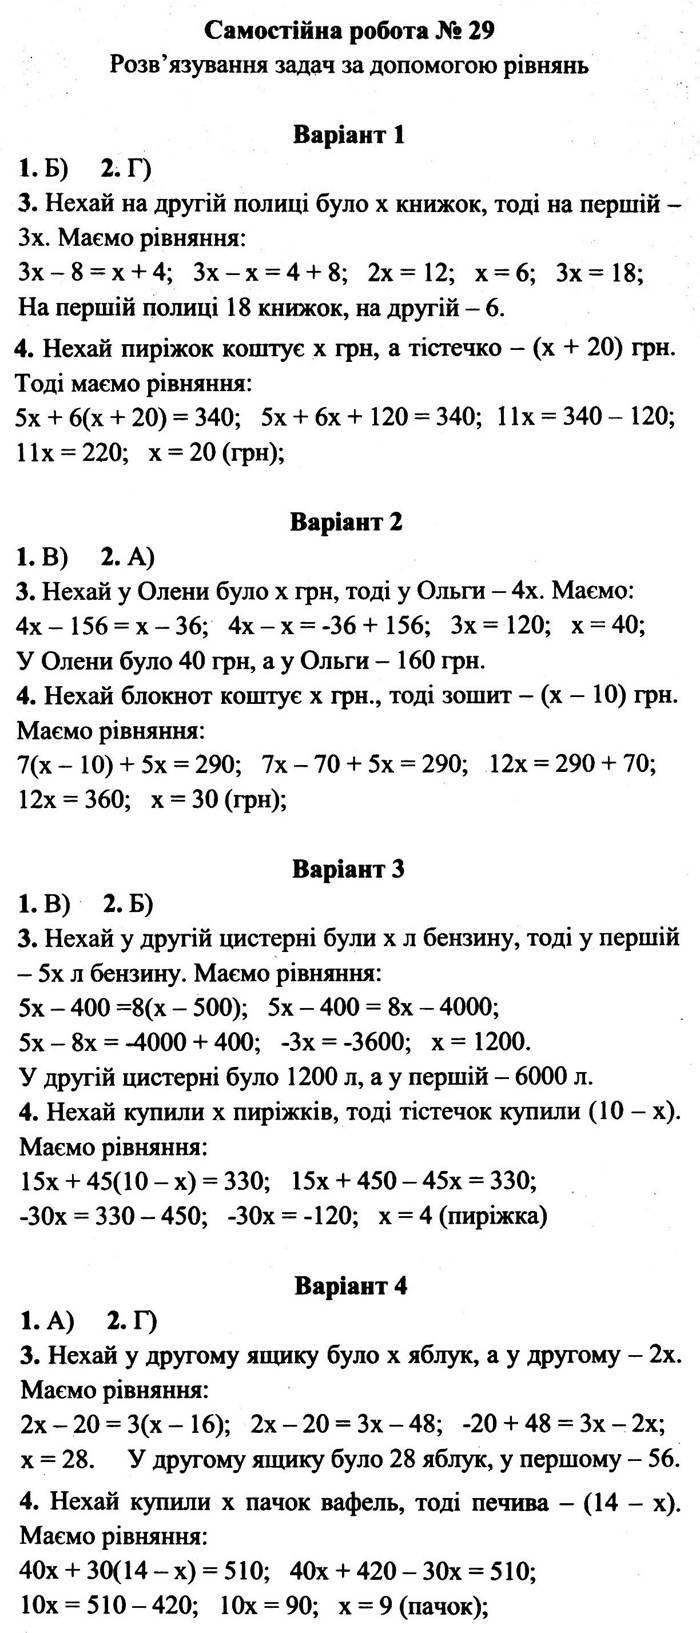 Розв'язання завдань до самостійної роботи 29 посібника 6 клас Математика Мерзляк (збірник самостійних робіт і тестів) 2020 рік